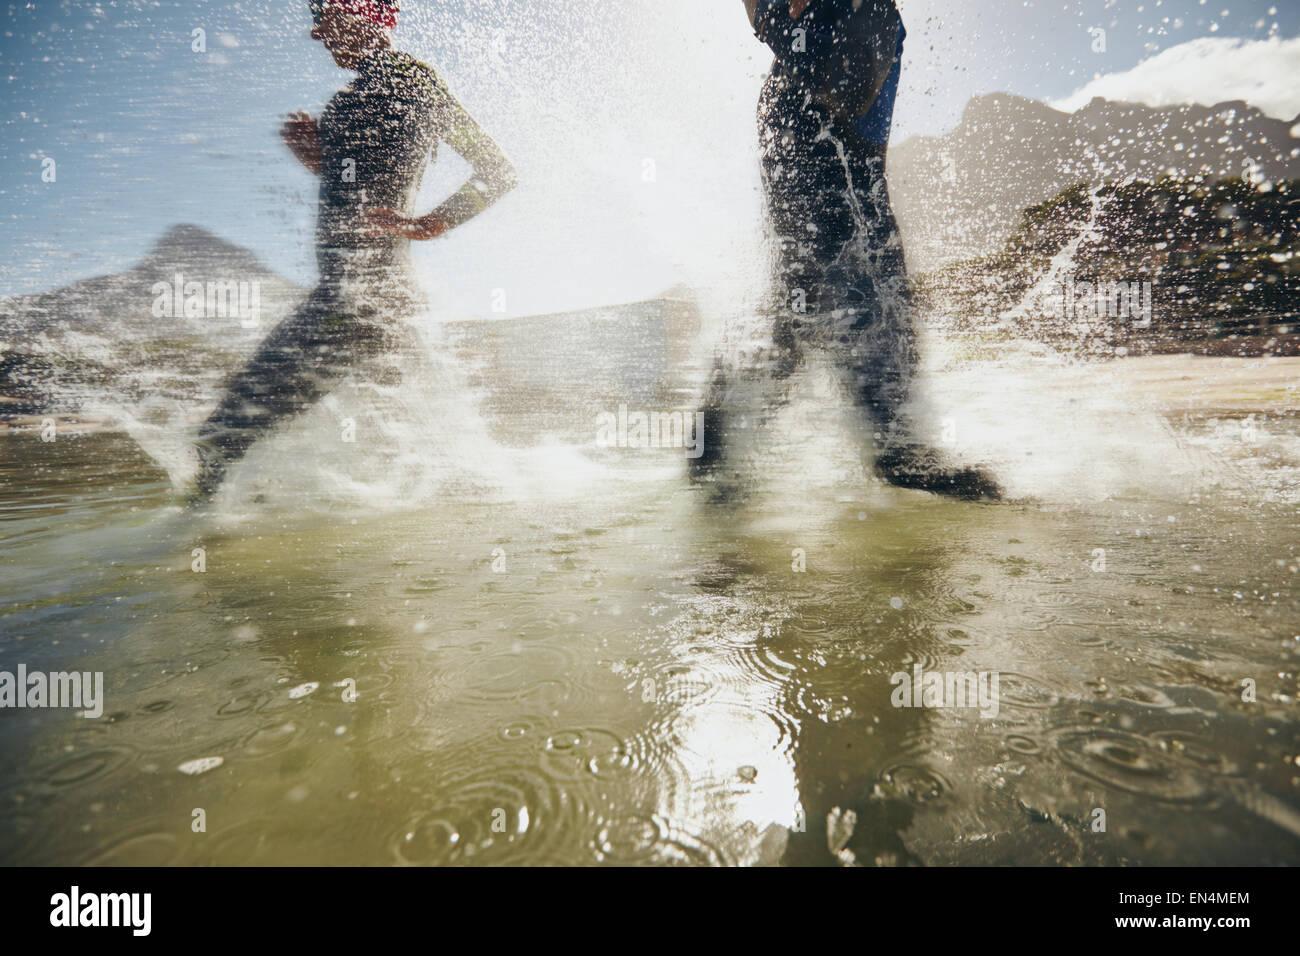 Imagen de las salpicaduras de agua mientras triatletas corriendo en el lago. Los atletas entrenamiento para triatlón Imagen De Stock